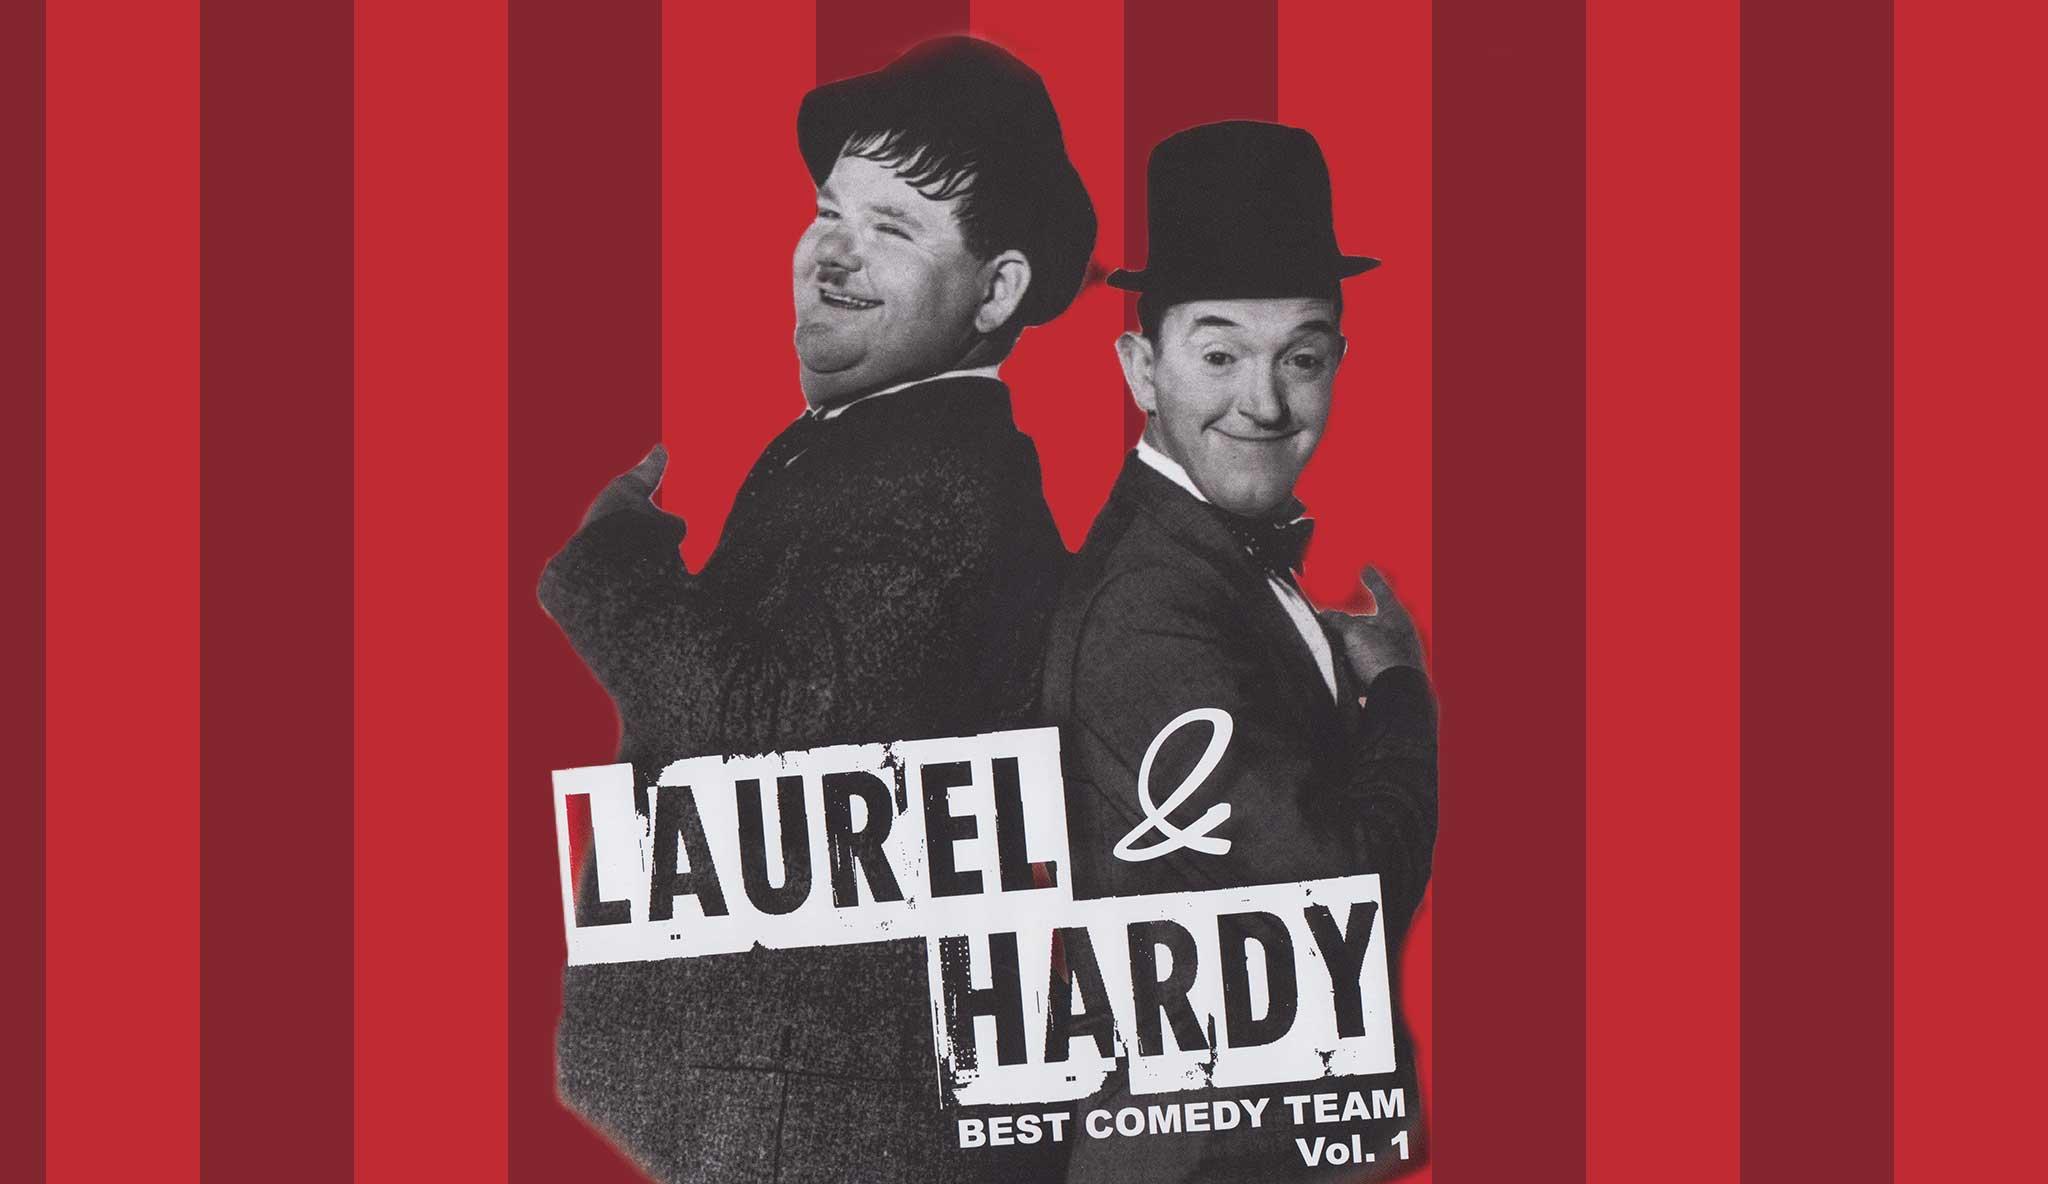 laurel-hardy-best-comedy-team-vol-1\header.jpg